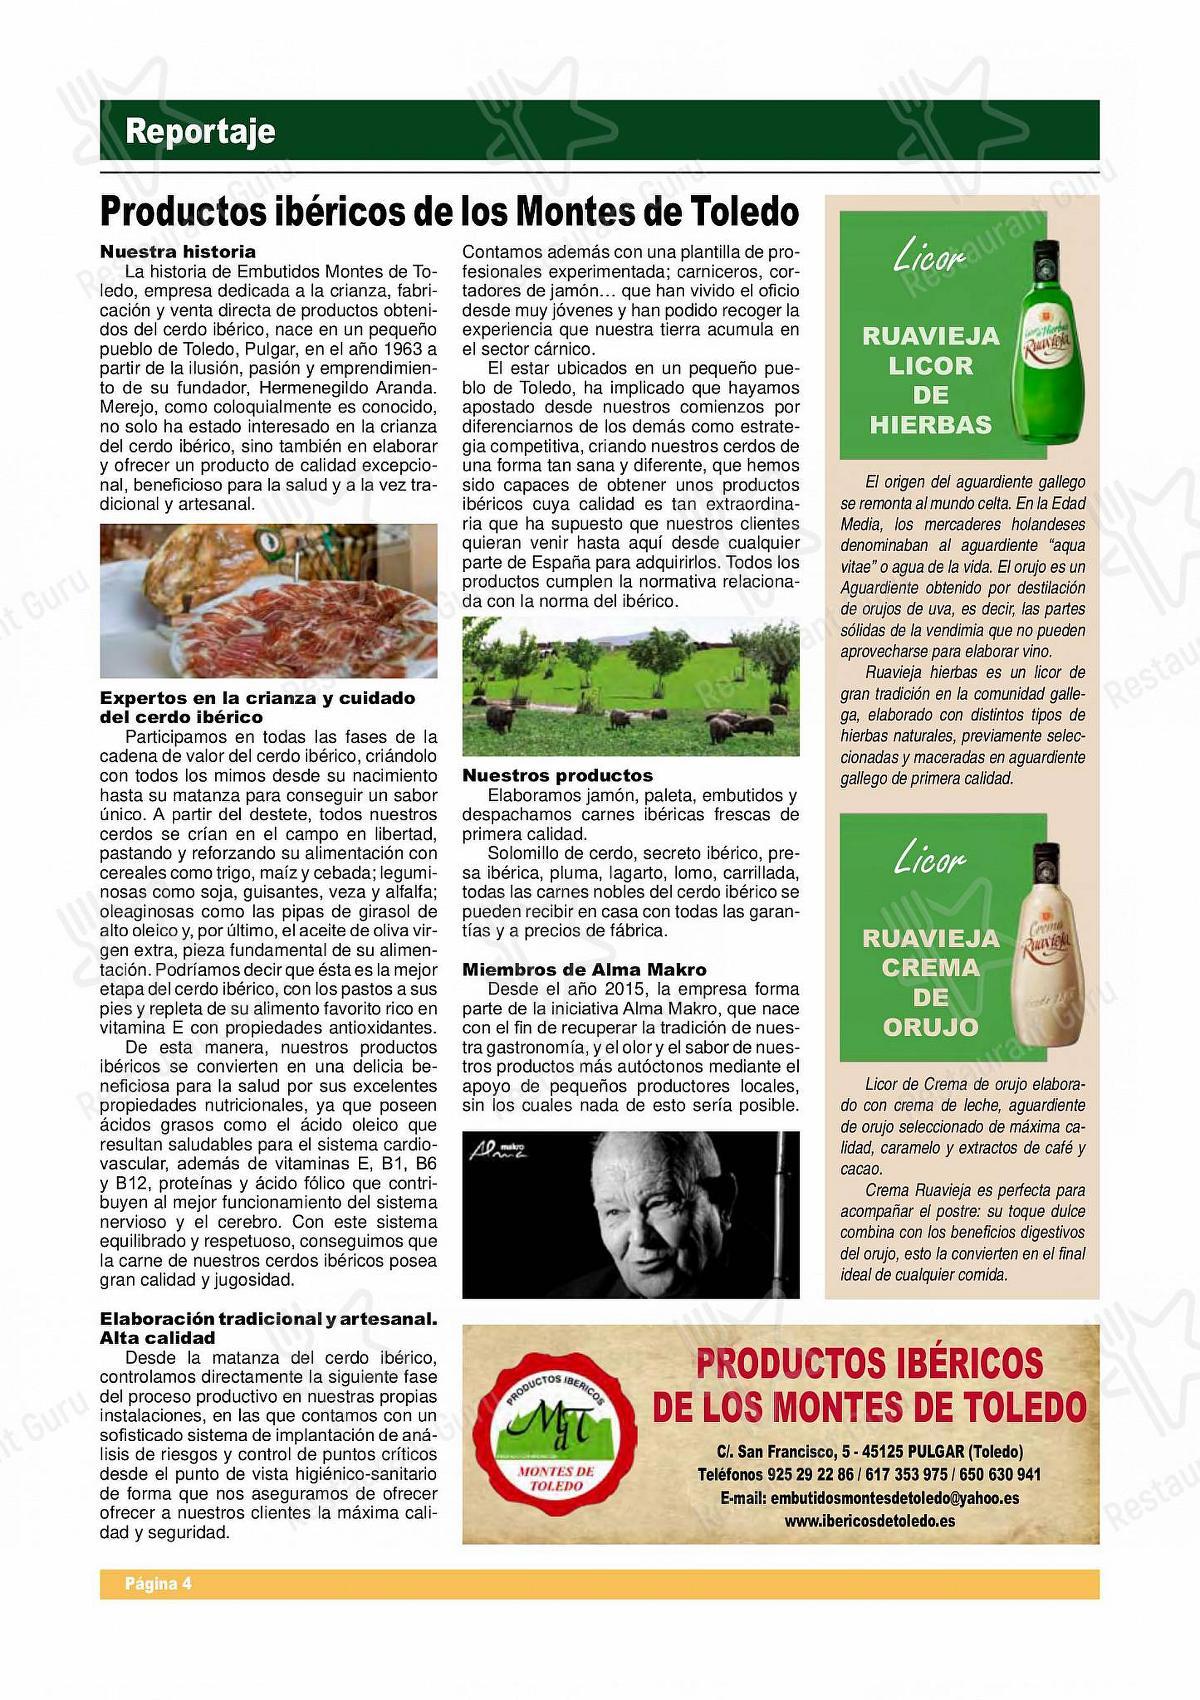 Carta de El Hollejo restaurante